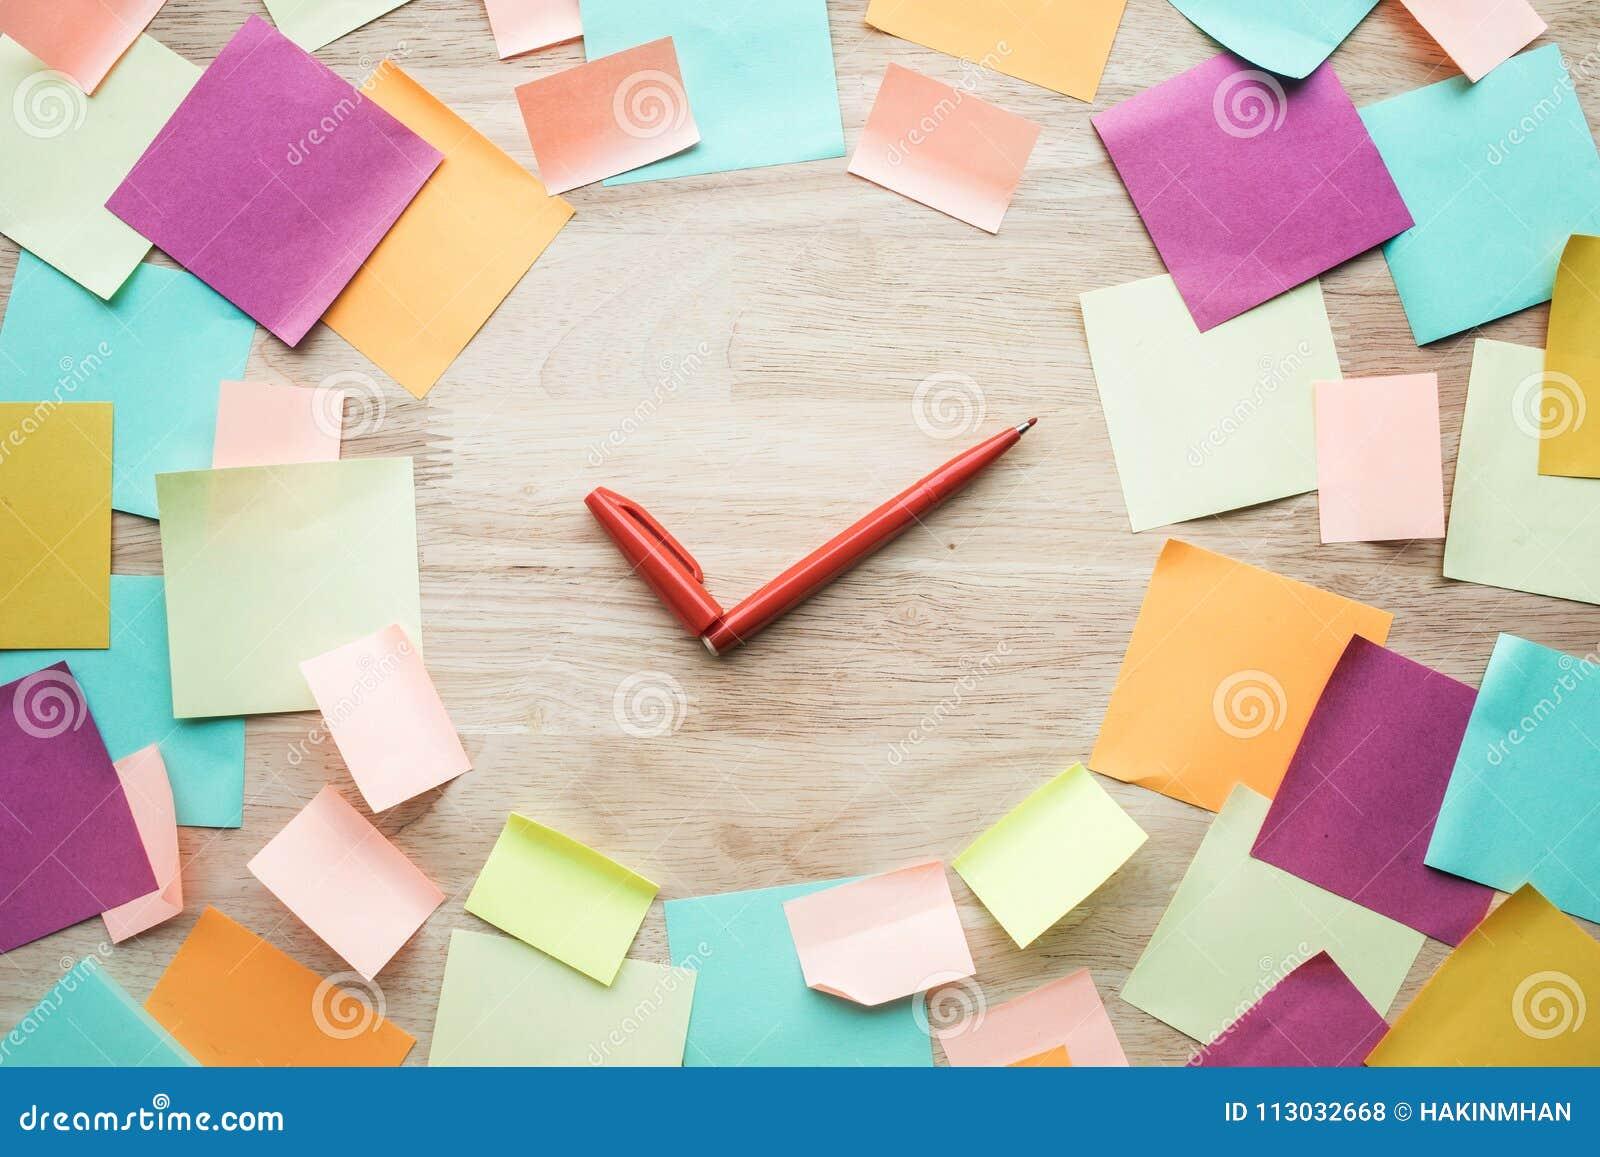 Conceptos de las ideas de la inspiración con la pluma y el papel de carta colorido